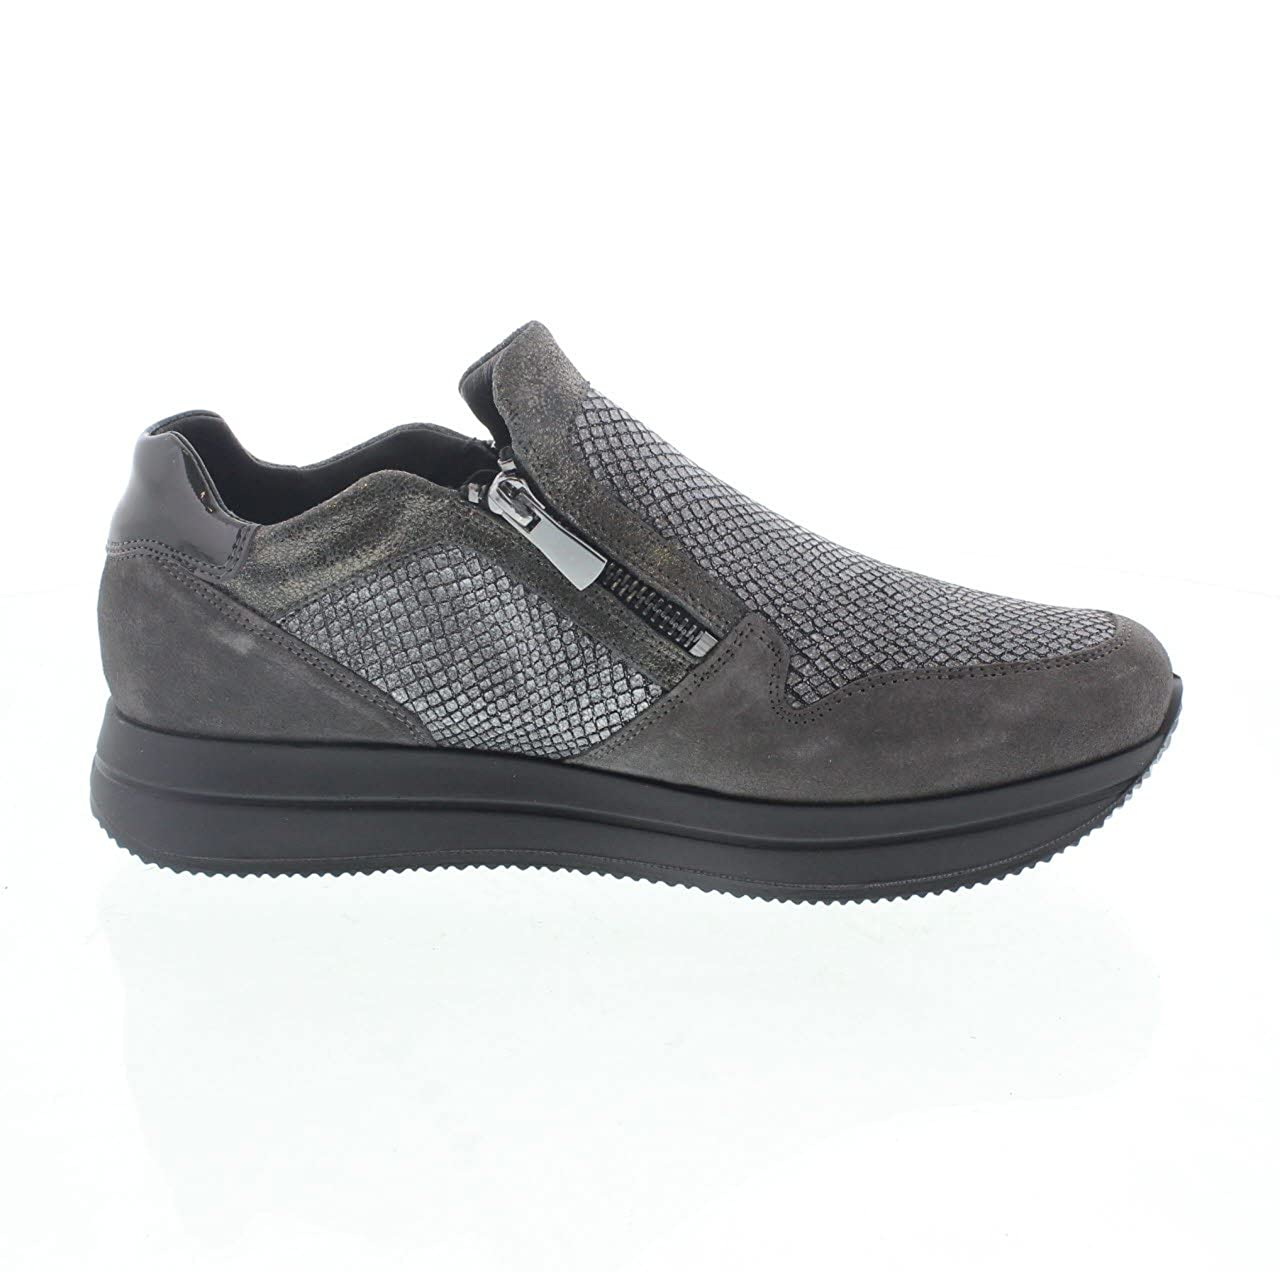 IGI Sportschuhe & CO 67441 schwarz Sportschuhe IGI ohne Schnürsenkel aus Wildleder mit Reißverschluss  Grau 568376